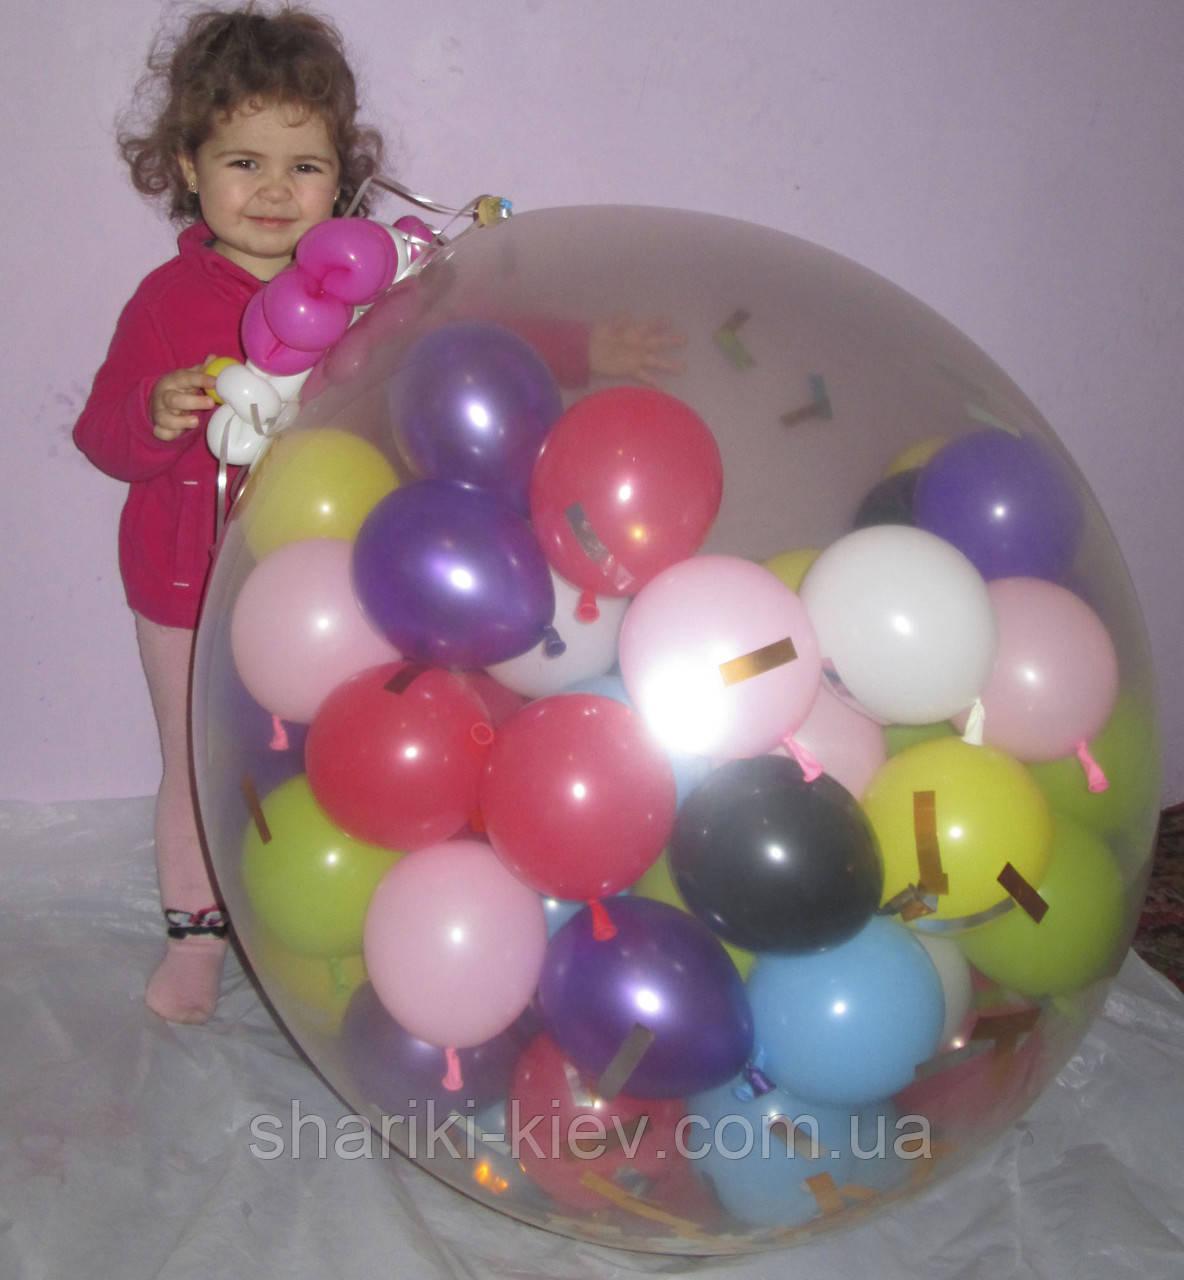 Шар-сюрприз 70 см. 100 шариков на День Рождения, Юбилей, Свадьбу